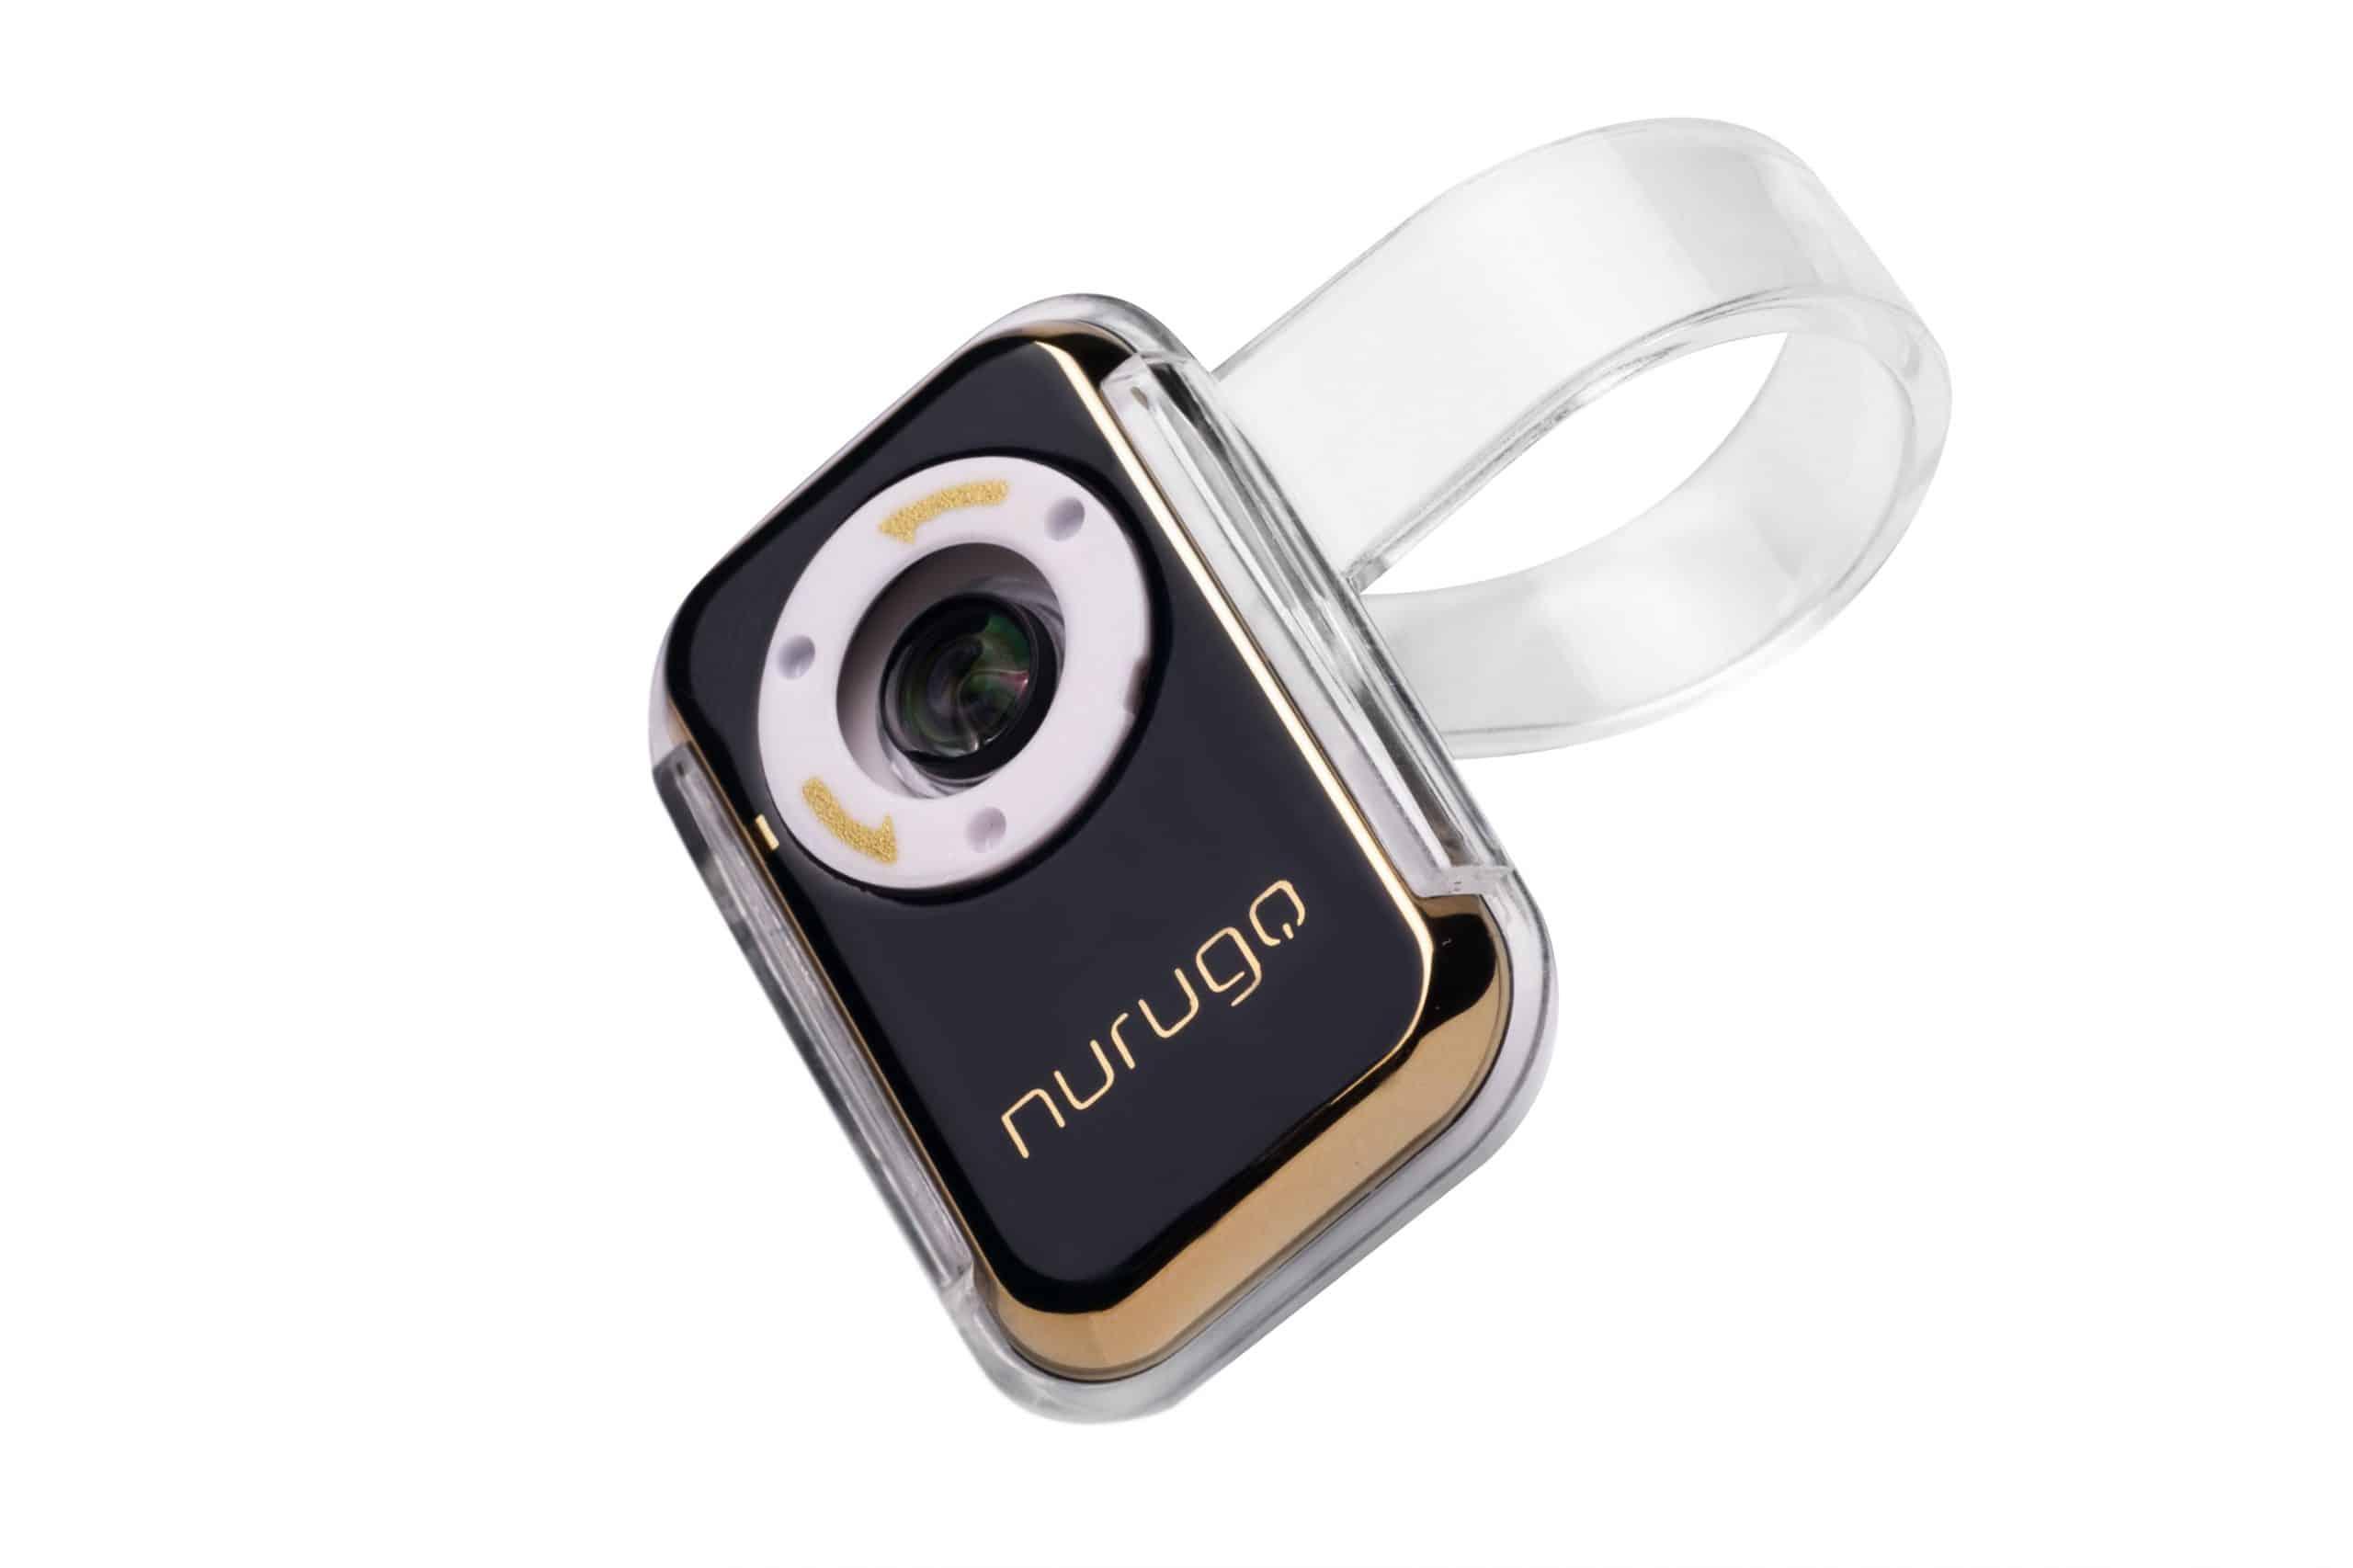 Smartphone Microscope Attachment 8